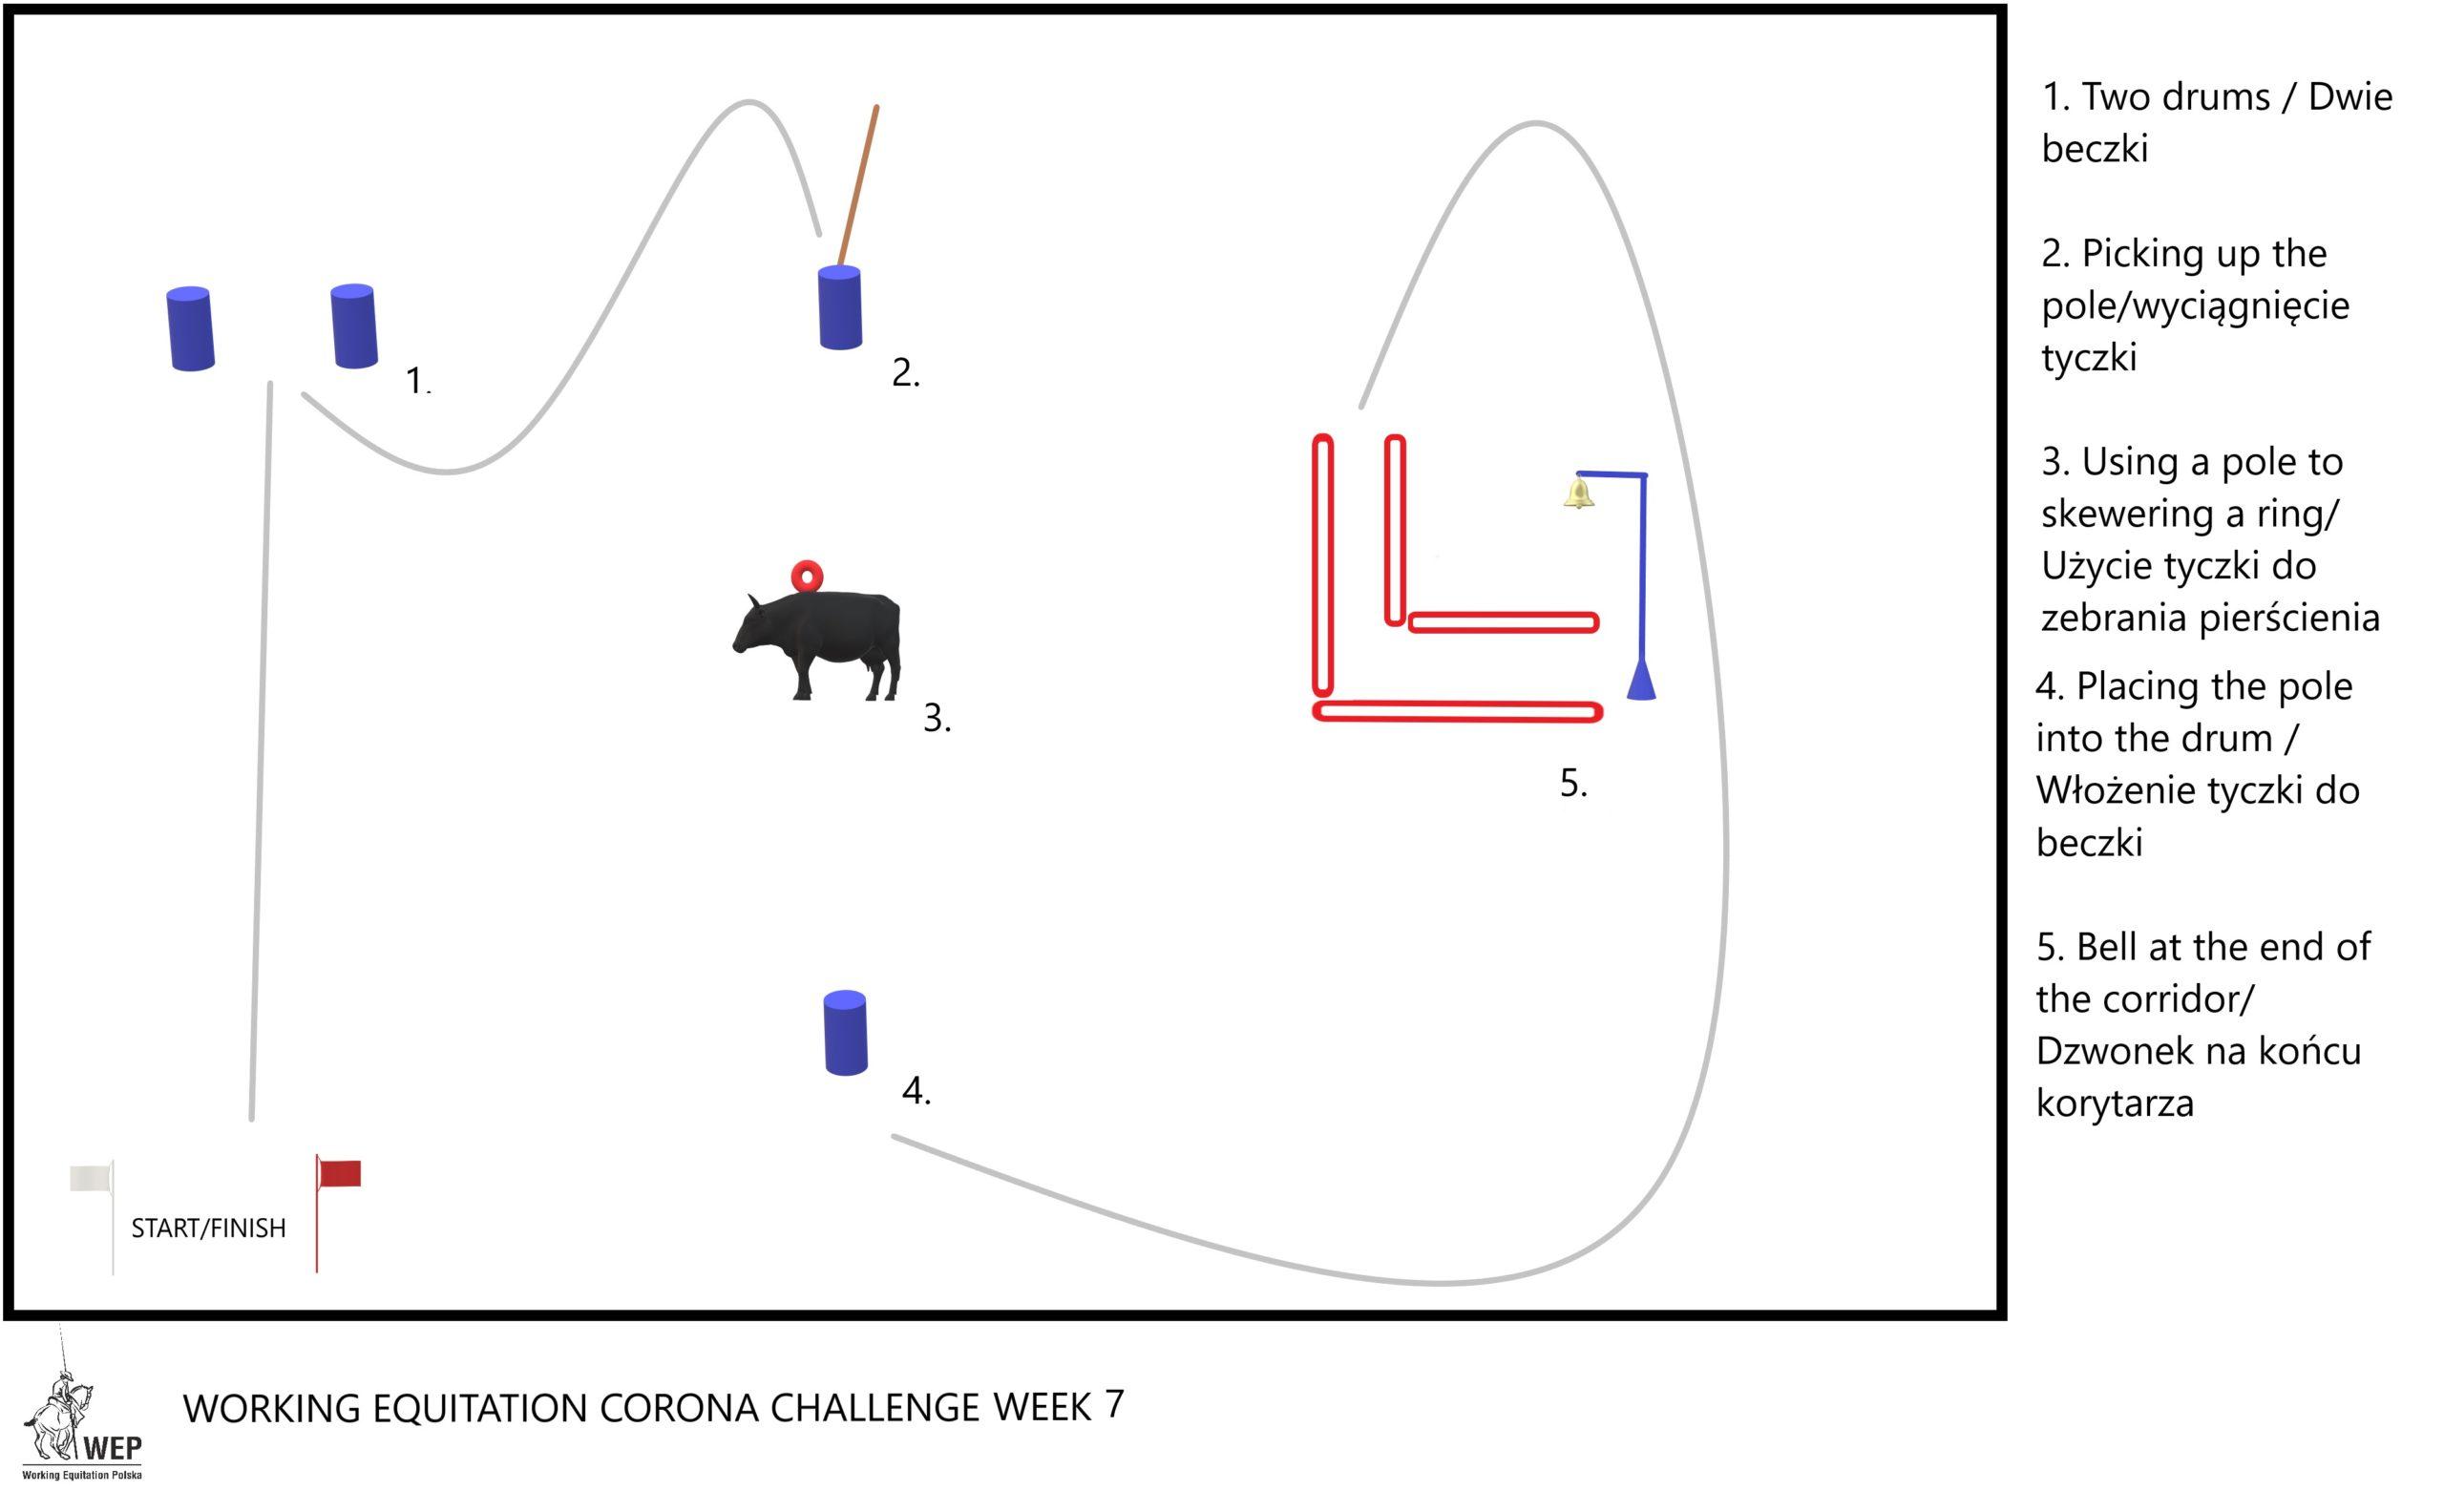 Working Equitation Corona Challenge Week 7